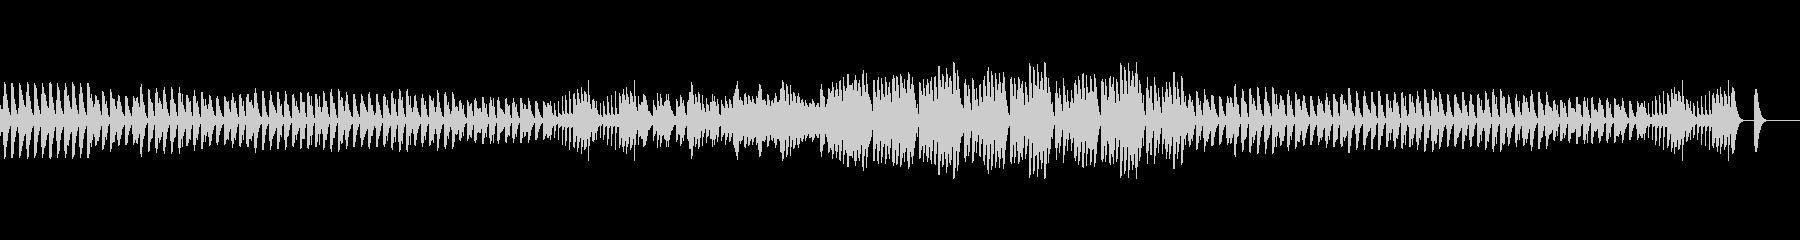 ほのぼのかわいい雰囲気の木琴の未再生の波形